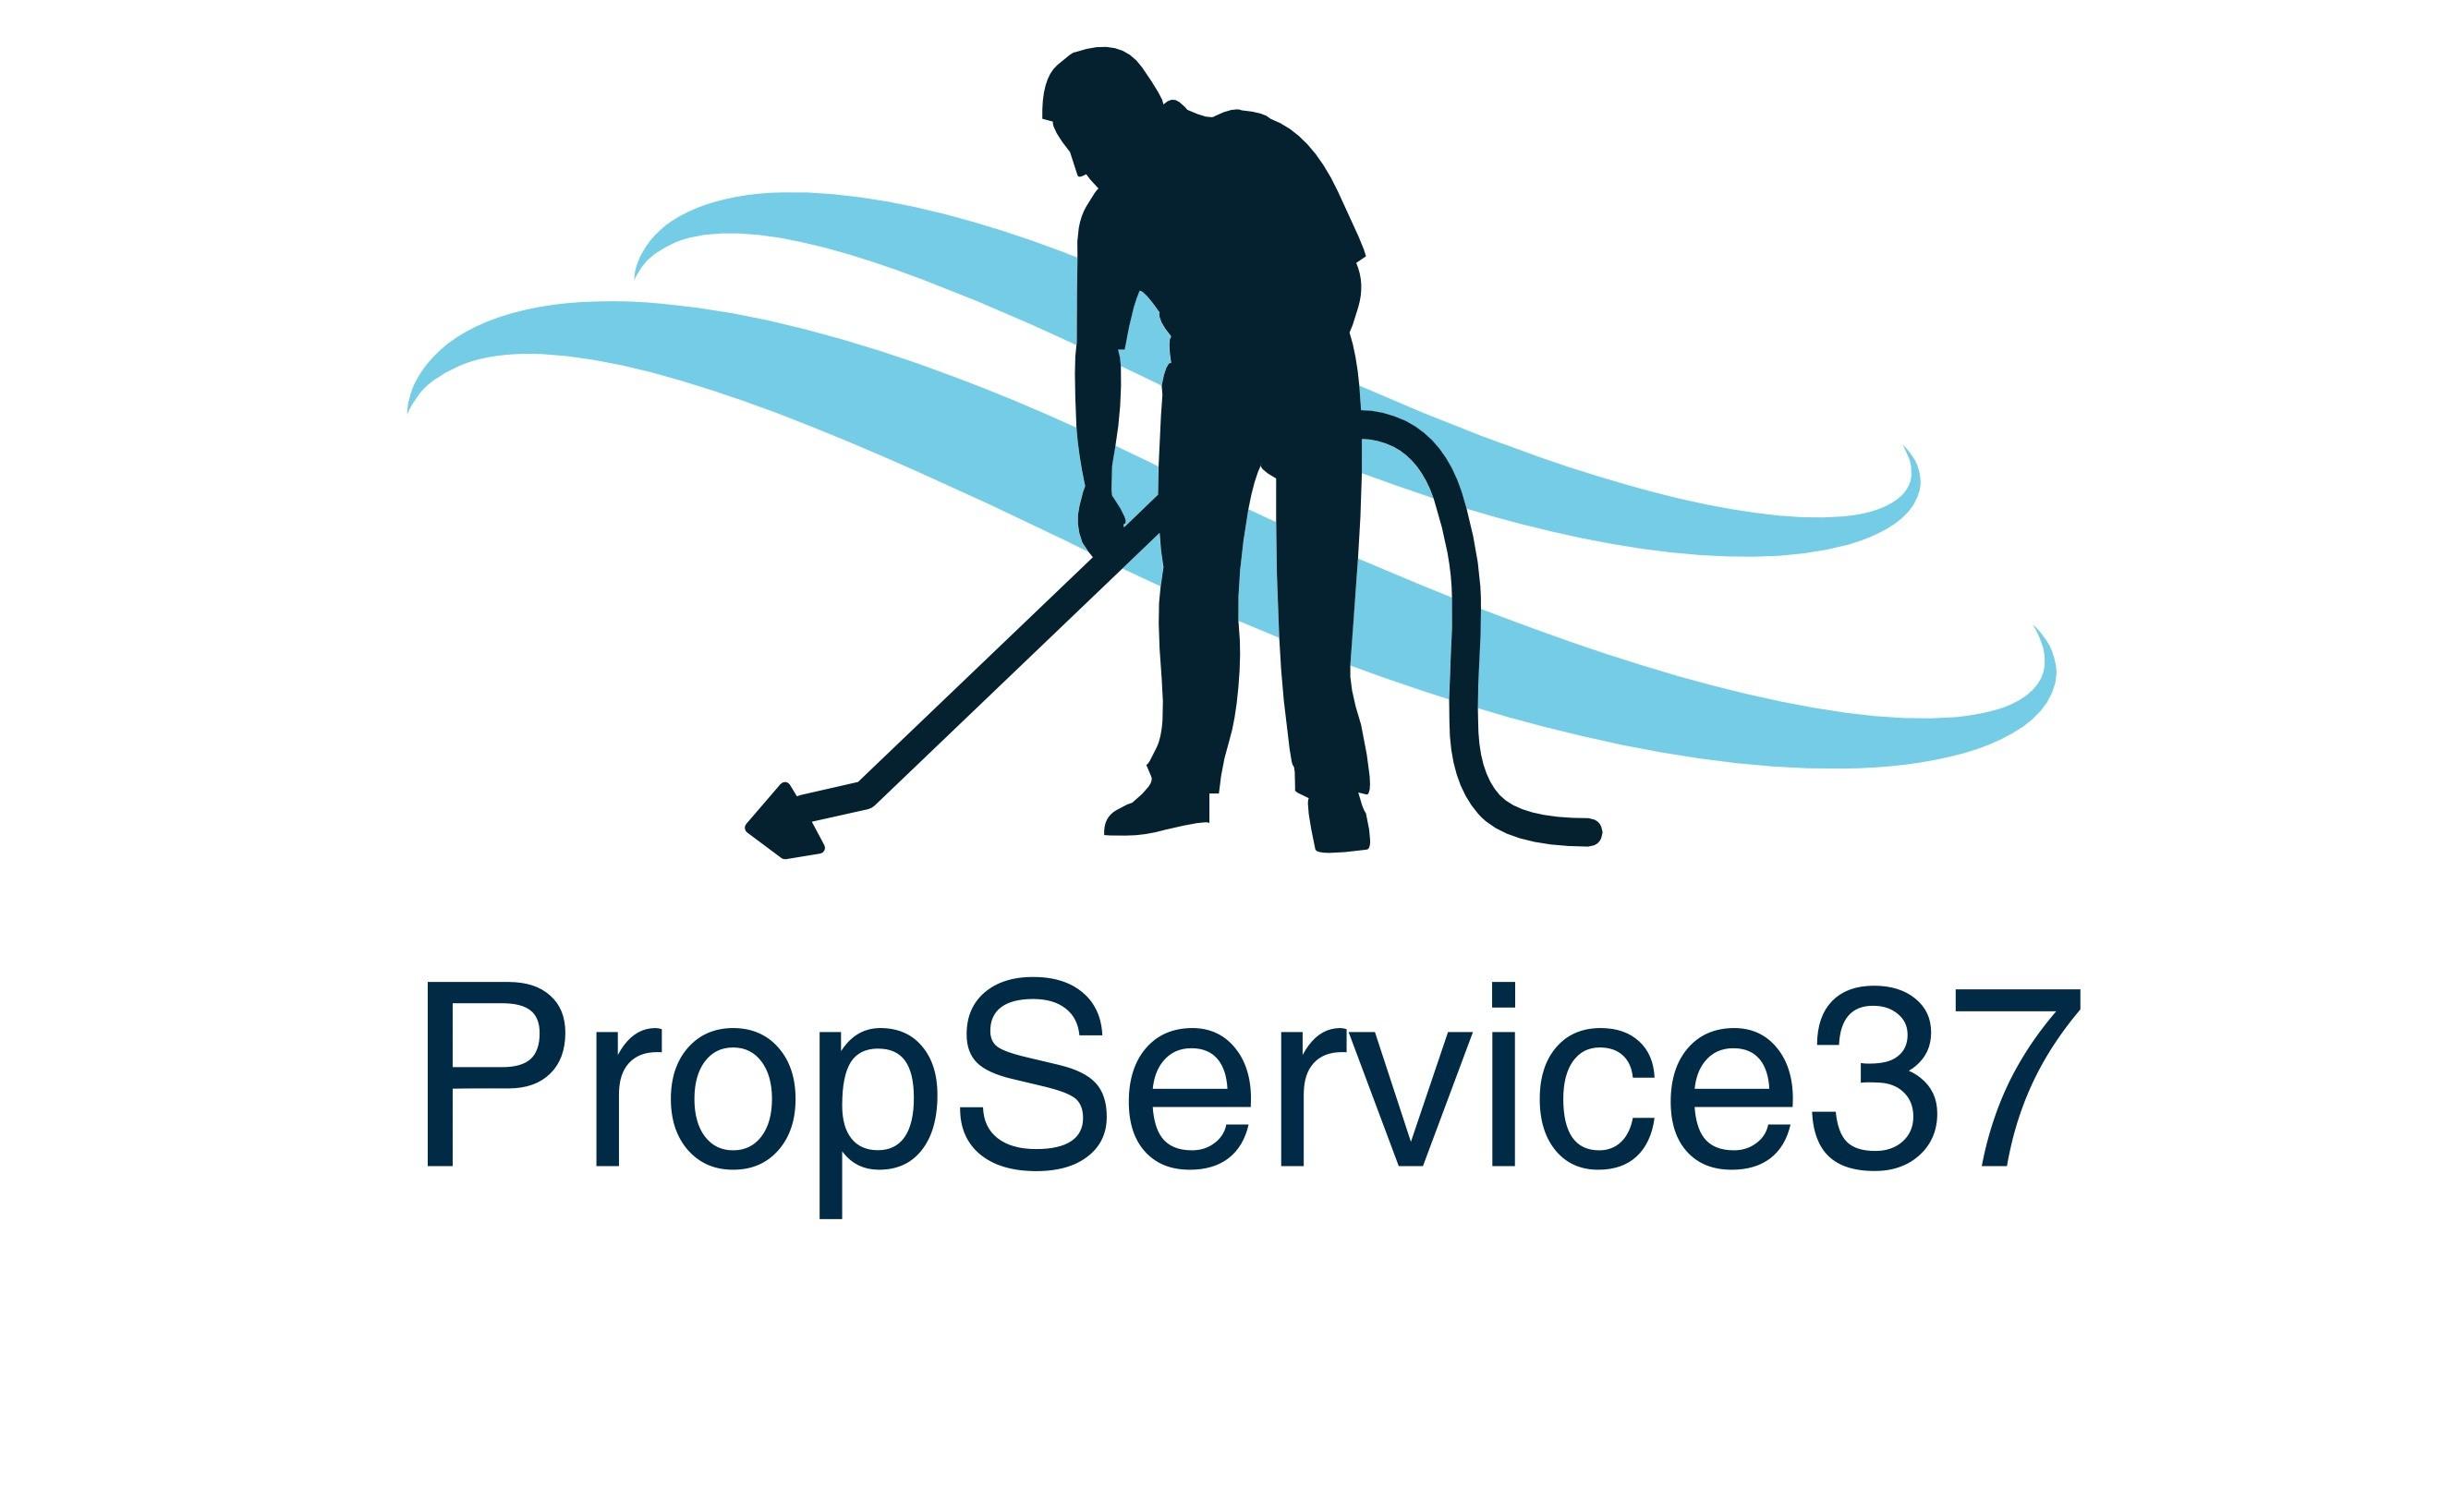 Société Propservice37